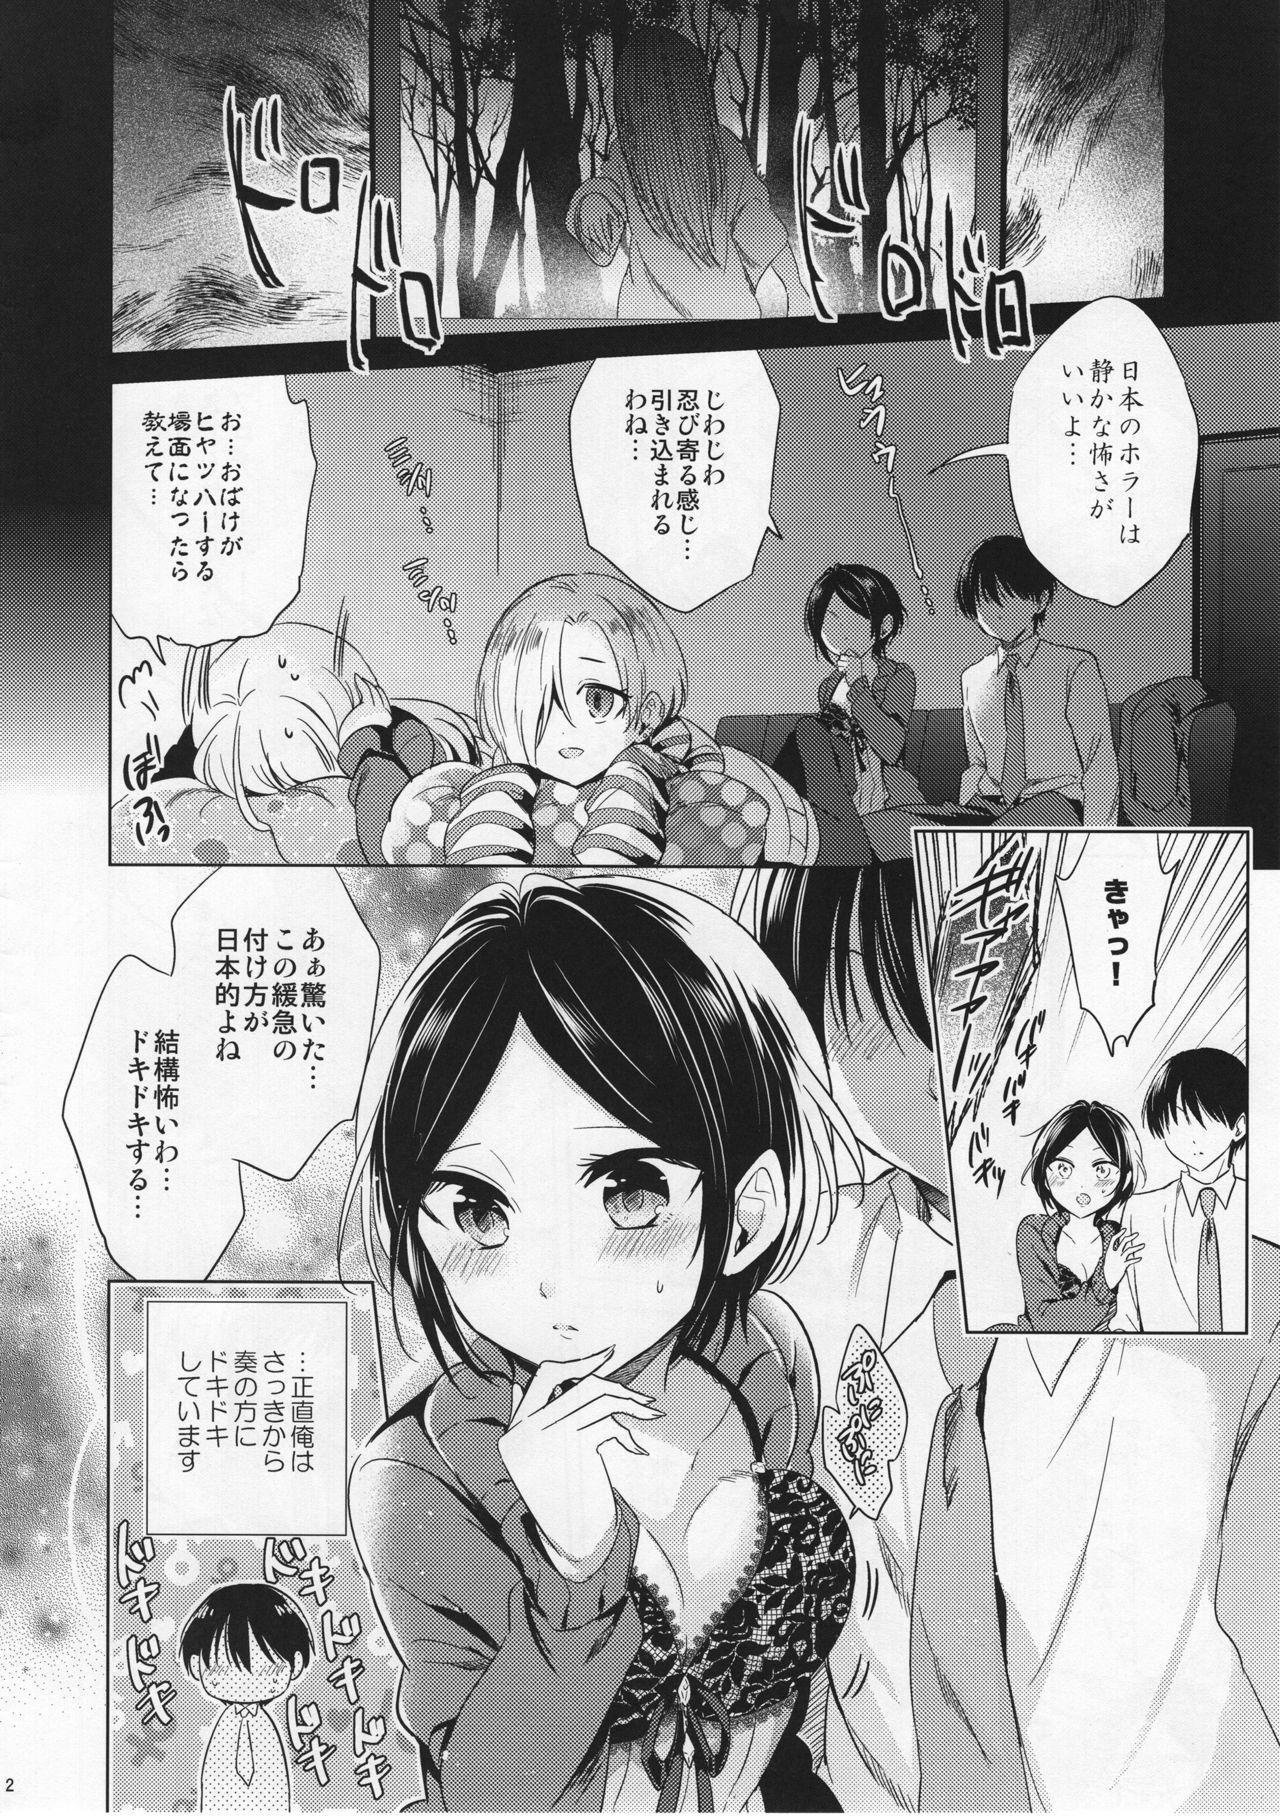 Kanade to Eiga o Minagara XX Suru Hon 1